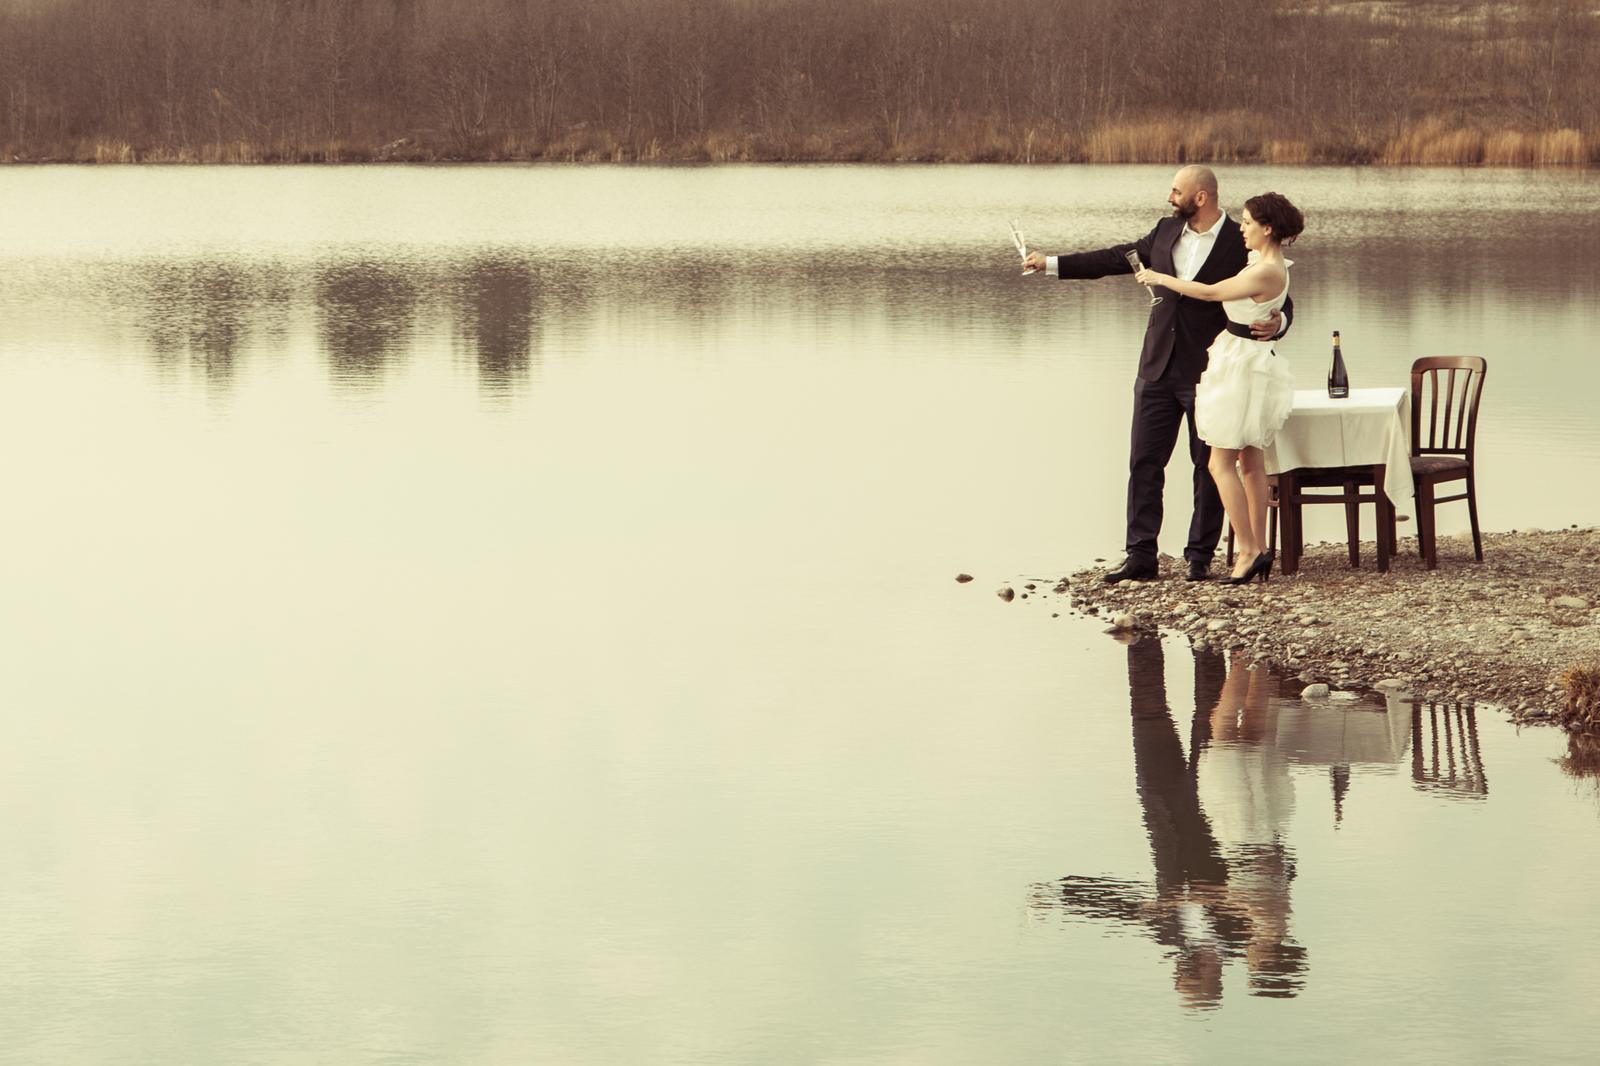 Svadba s RBG STYLE Hľadáte... - Obrázok č. 2